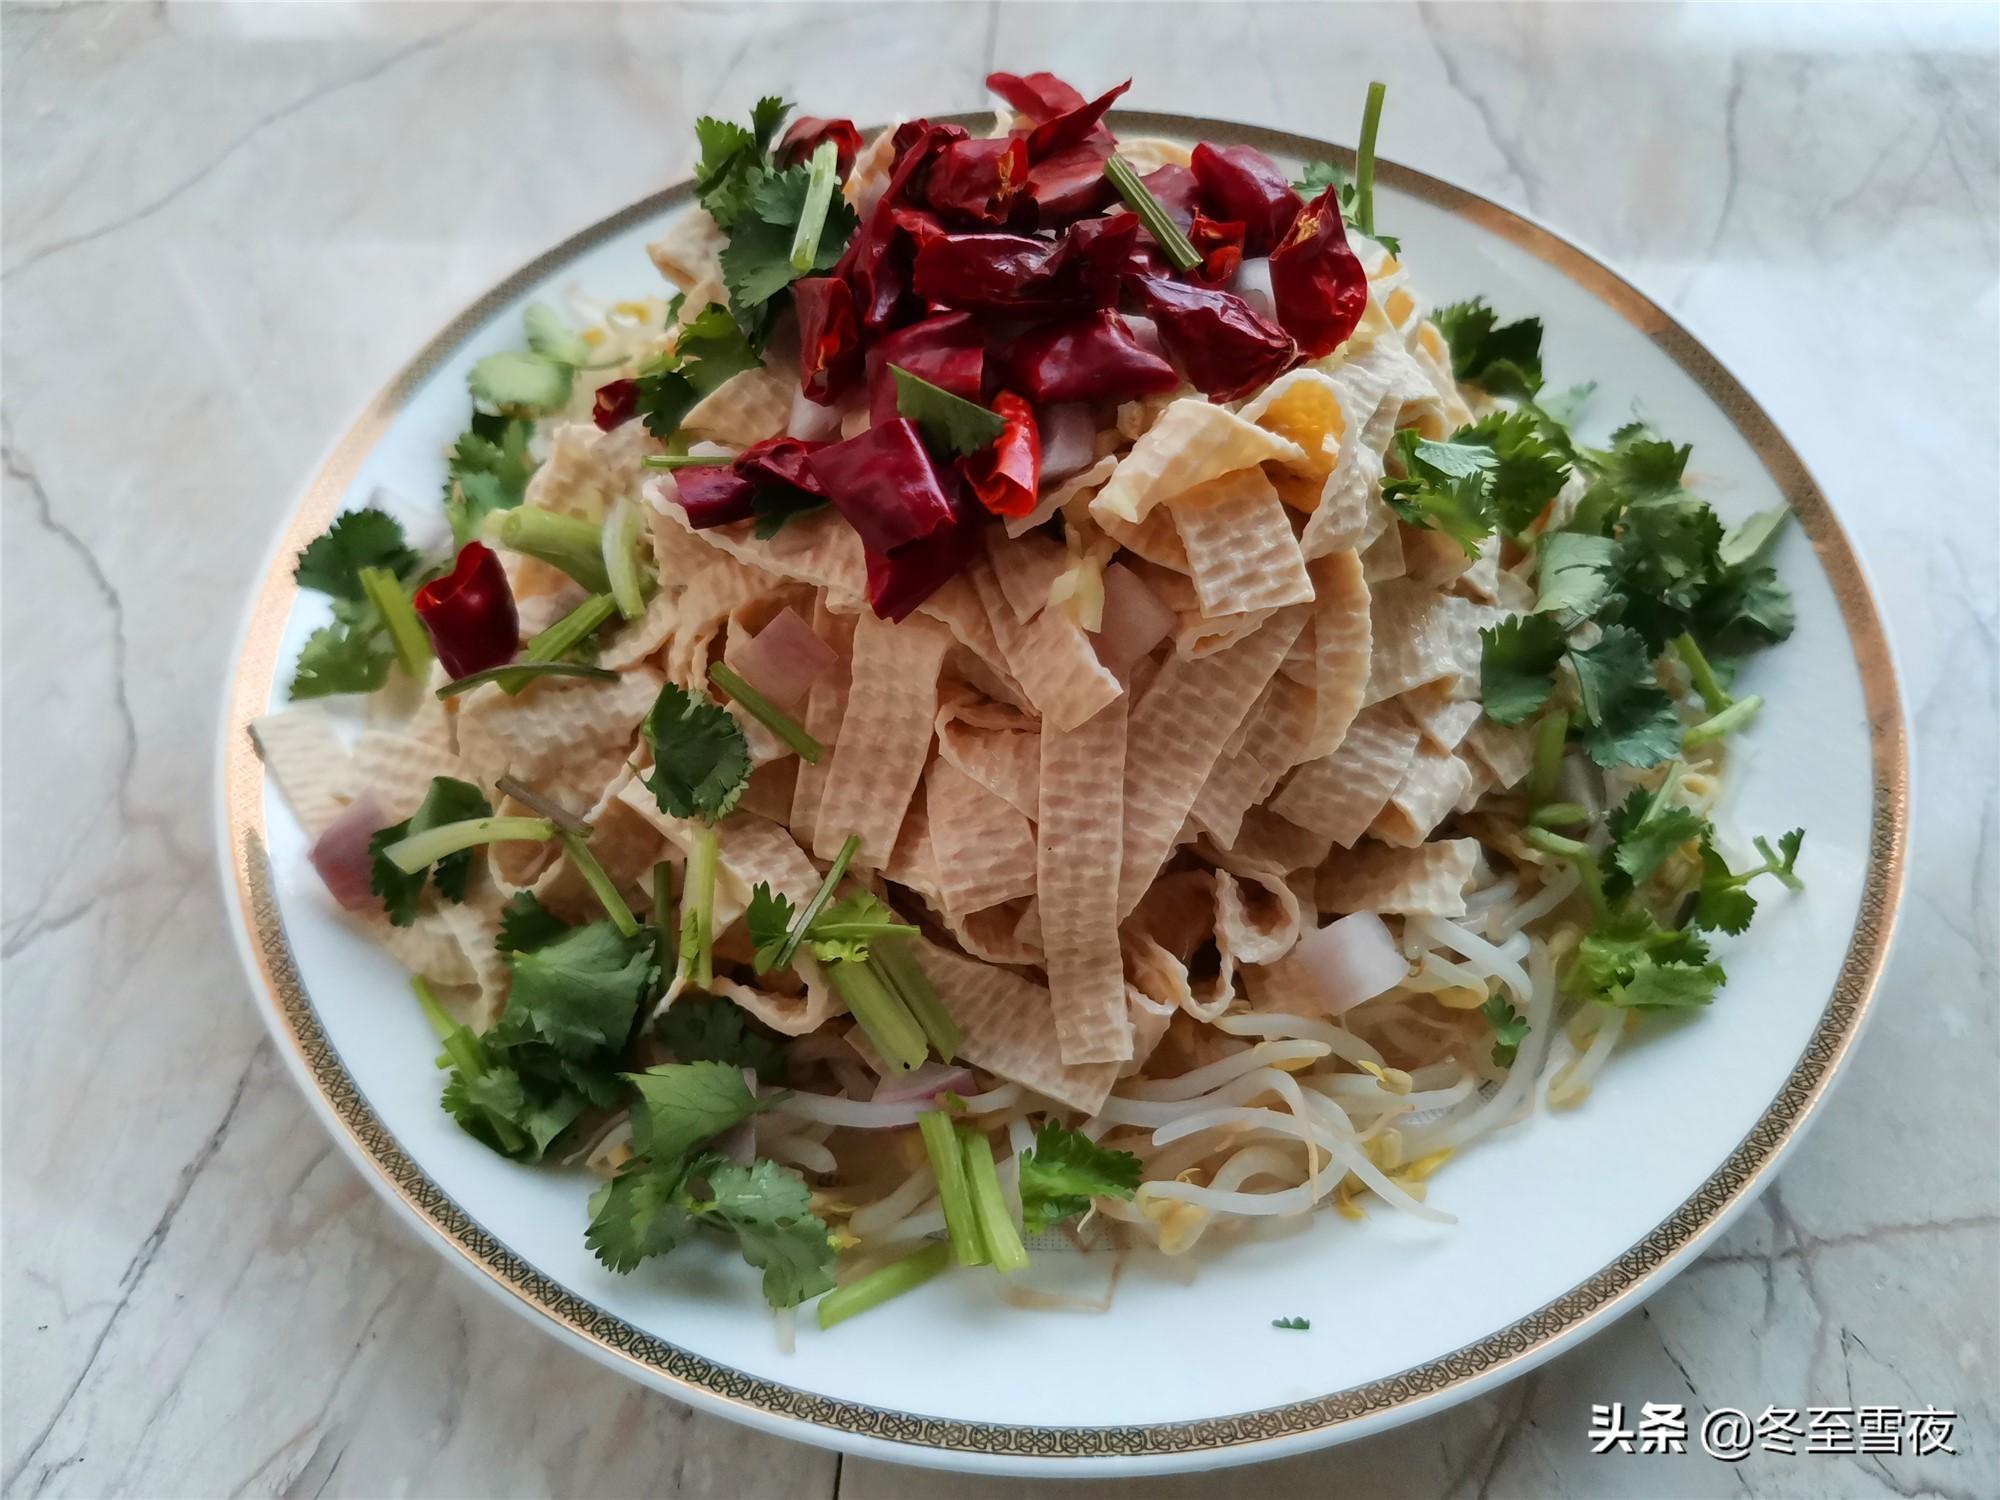 东北家常菜油淋干豆腐,教你这样做,劲道嫩滑,比肉菜还受欢迎 东北菜谱 第5张